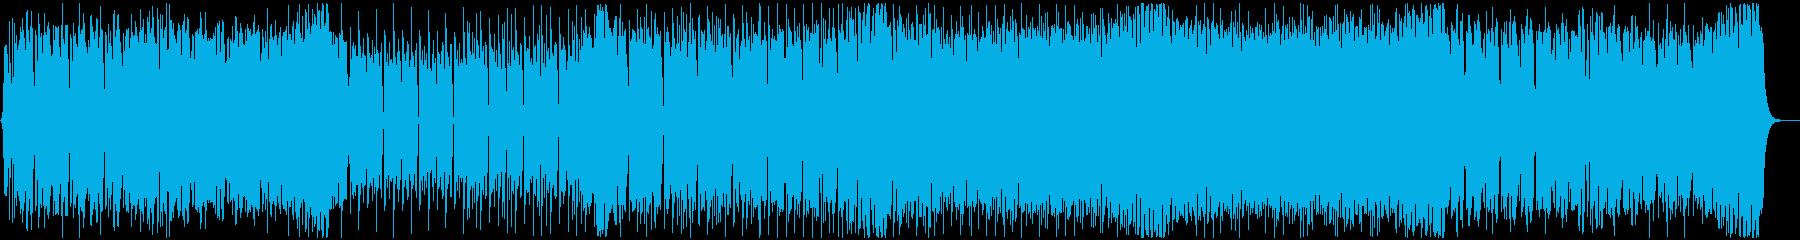 夏にテンション上がるEDM 声有りの再生済みの波形